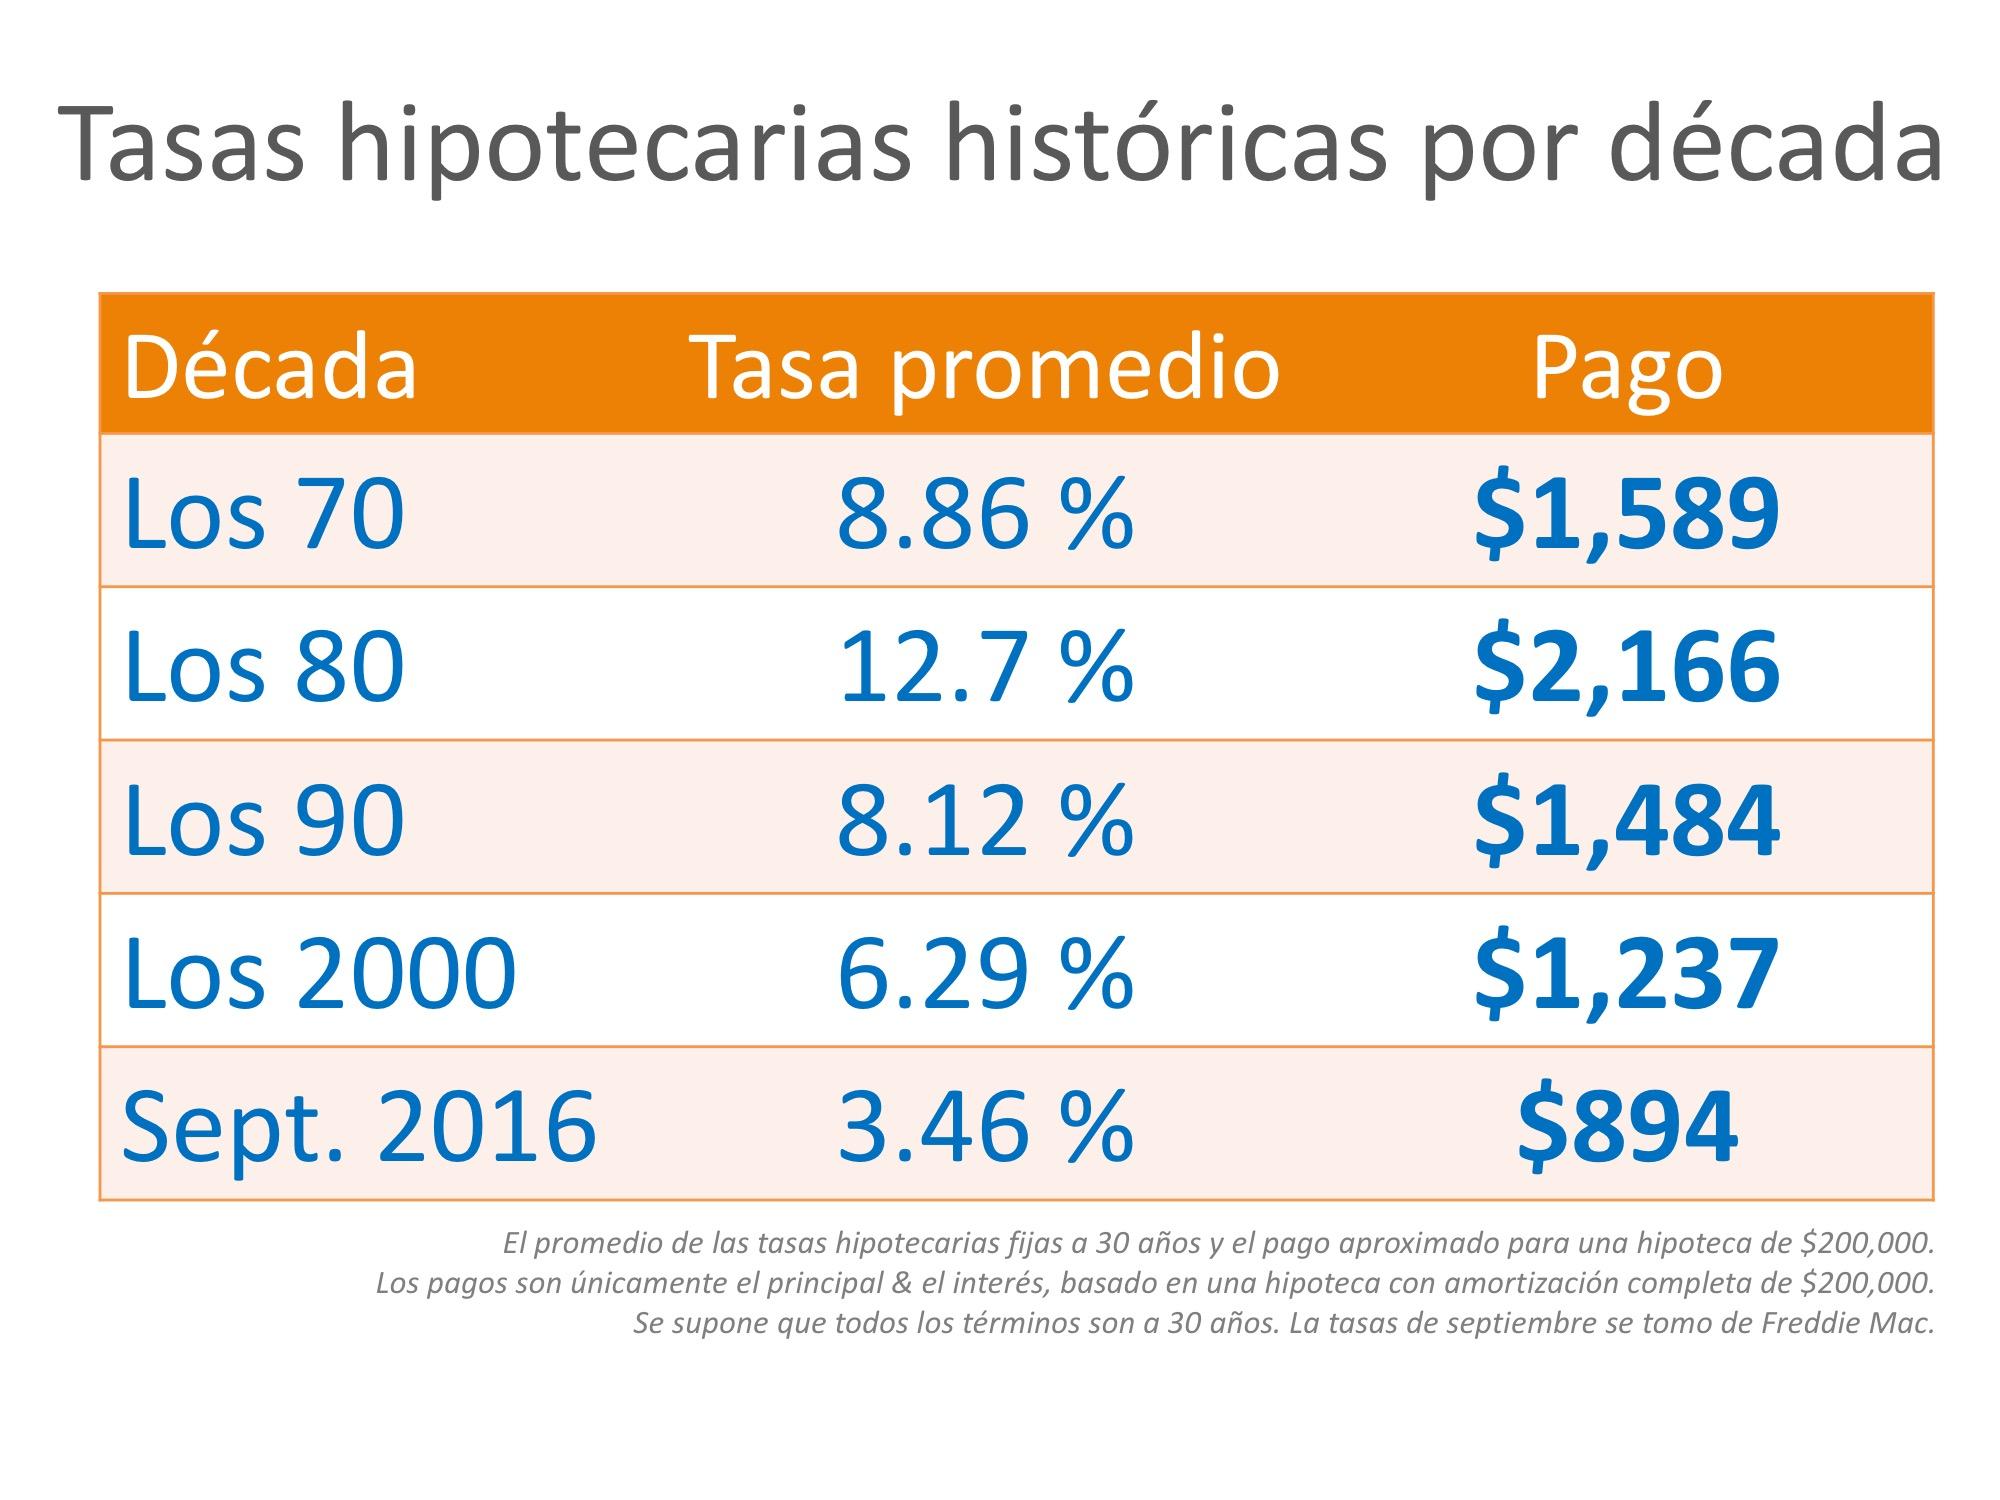 Tasas hipotecarias por década en comparación con el presente [infografía] | Simplifying The Market